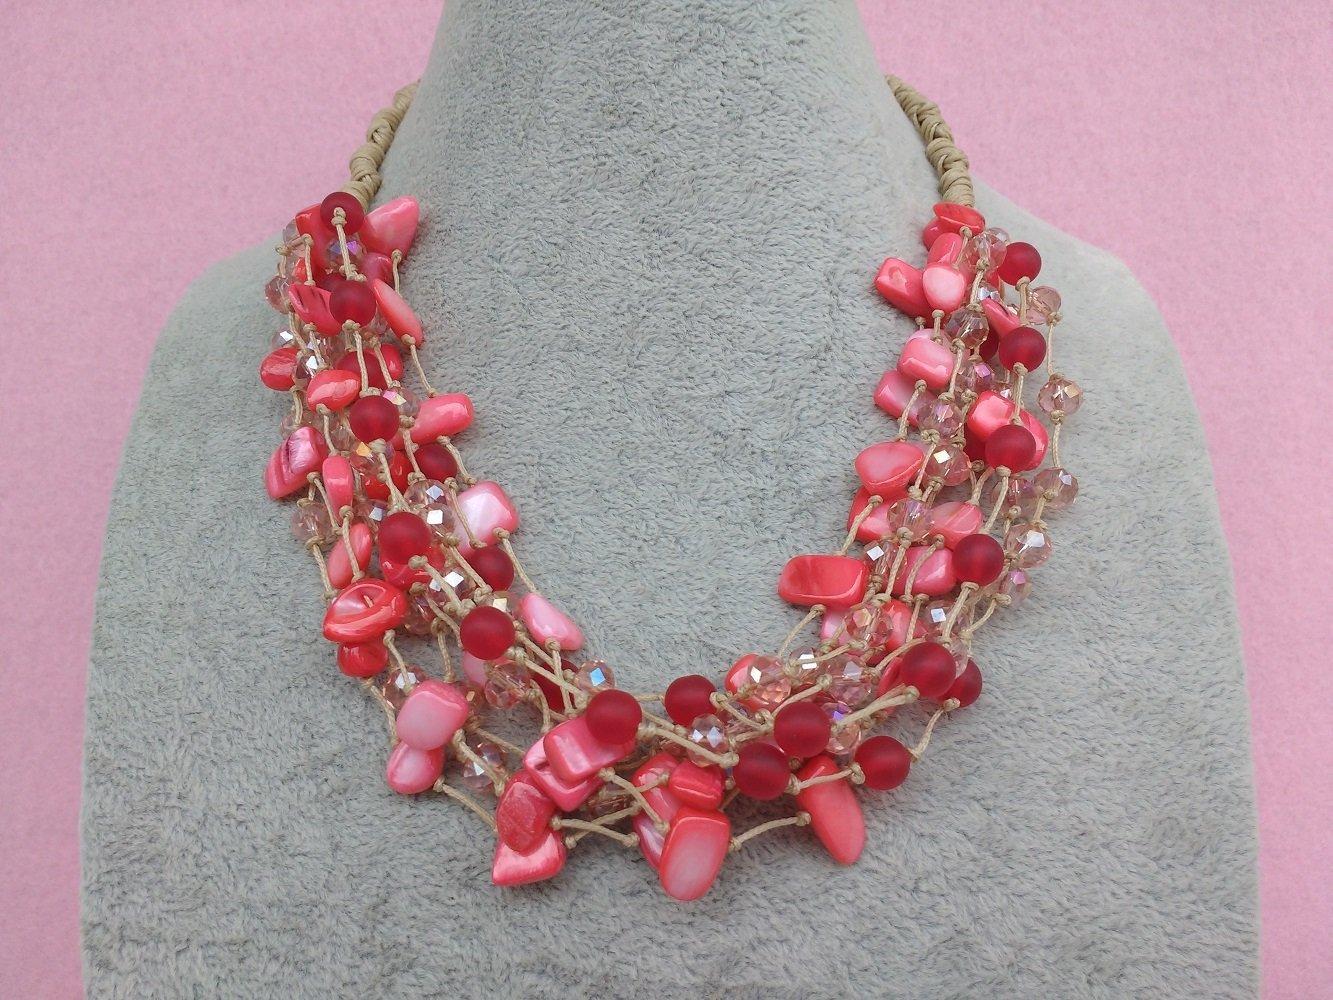 massima qualità intera collezione seleziona per ultimo Collana Multifilo di Perle Rosse